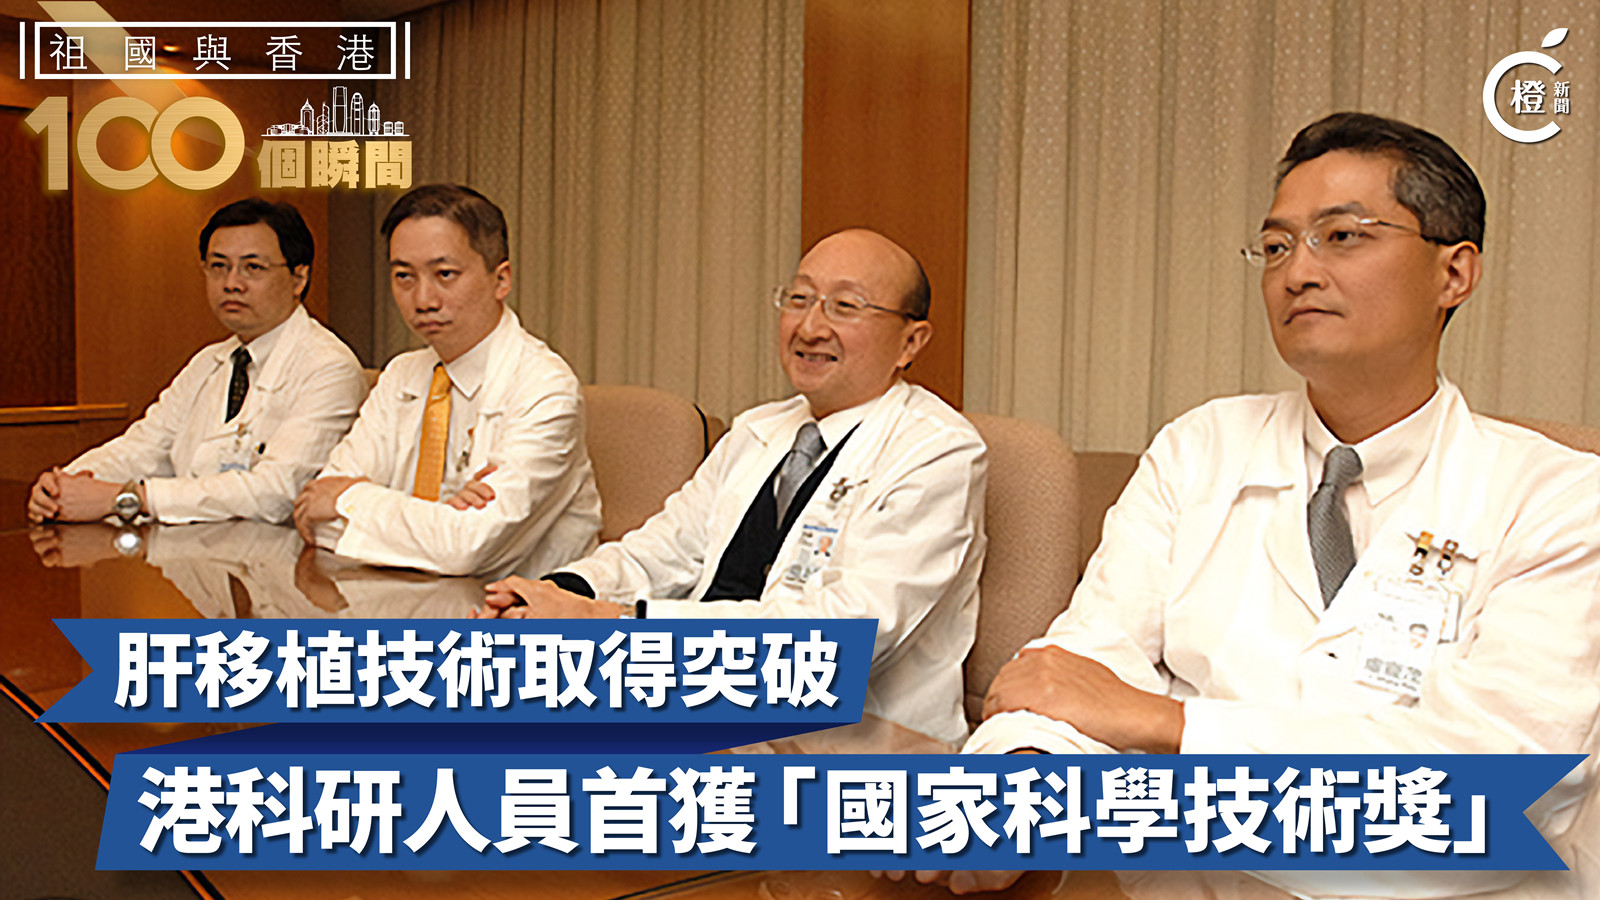 【祖國與香港100個瞬間】港大肝移植技術首獲「國家科學技術獎」一等獎